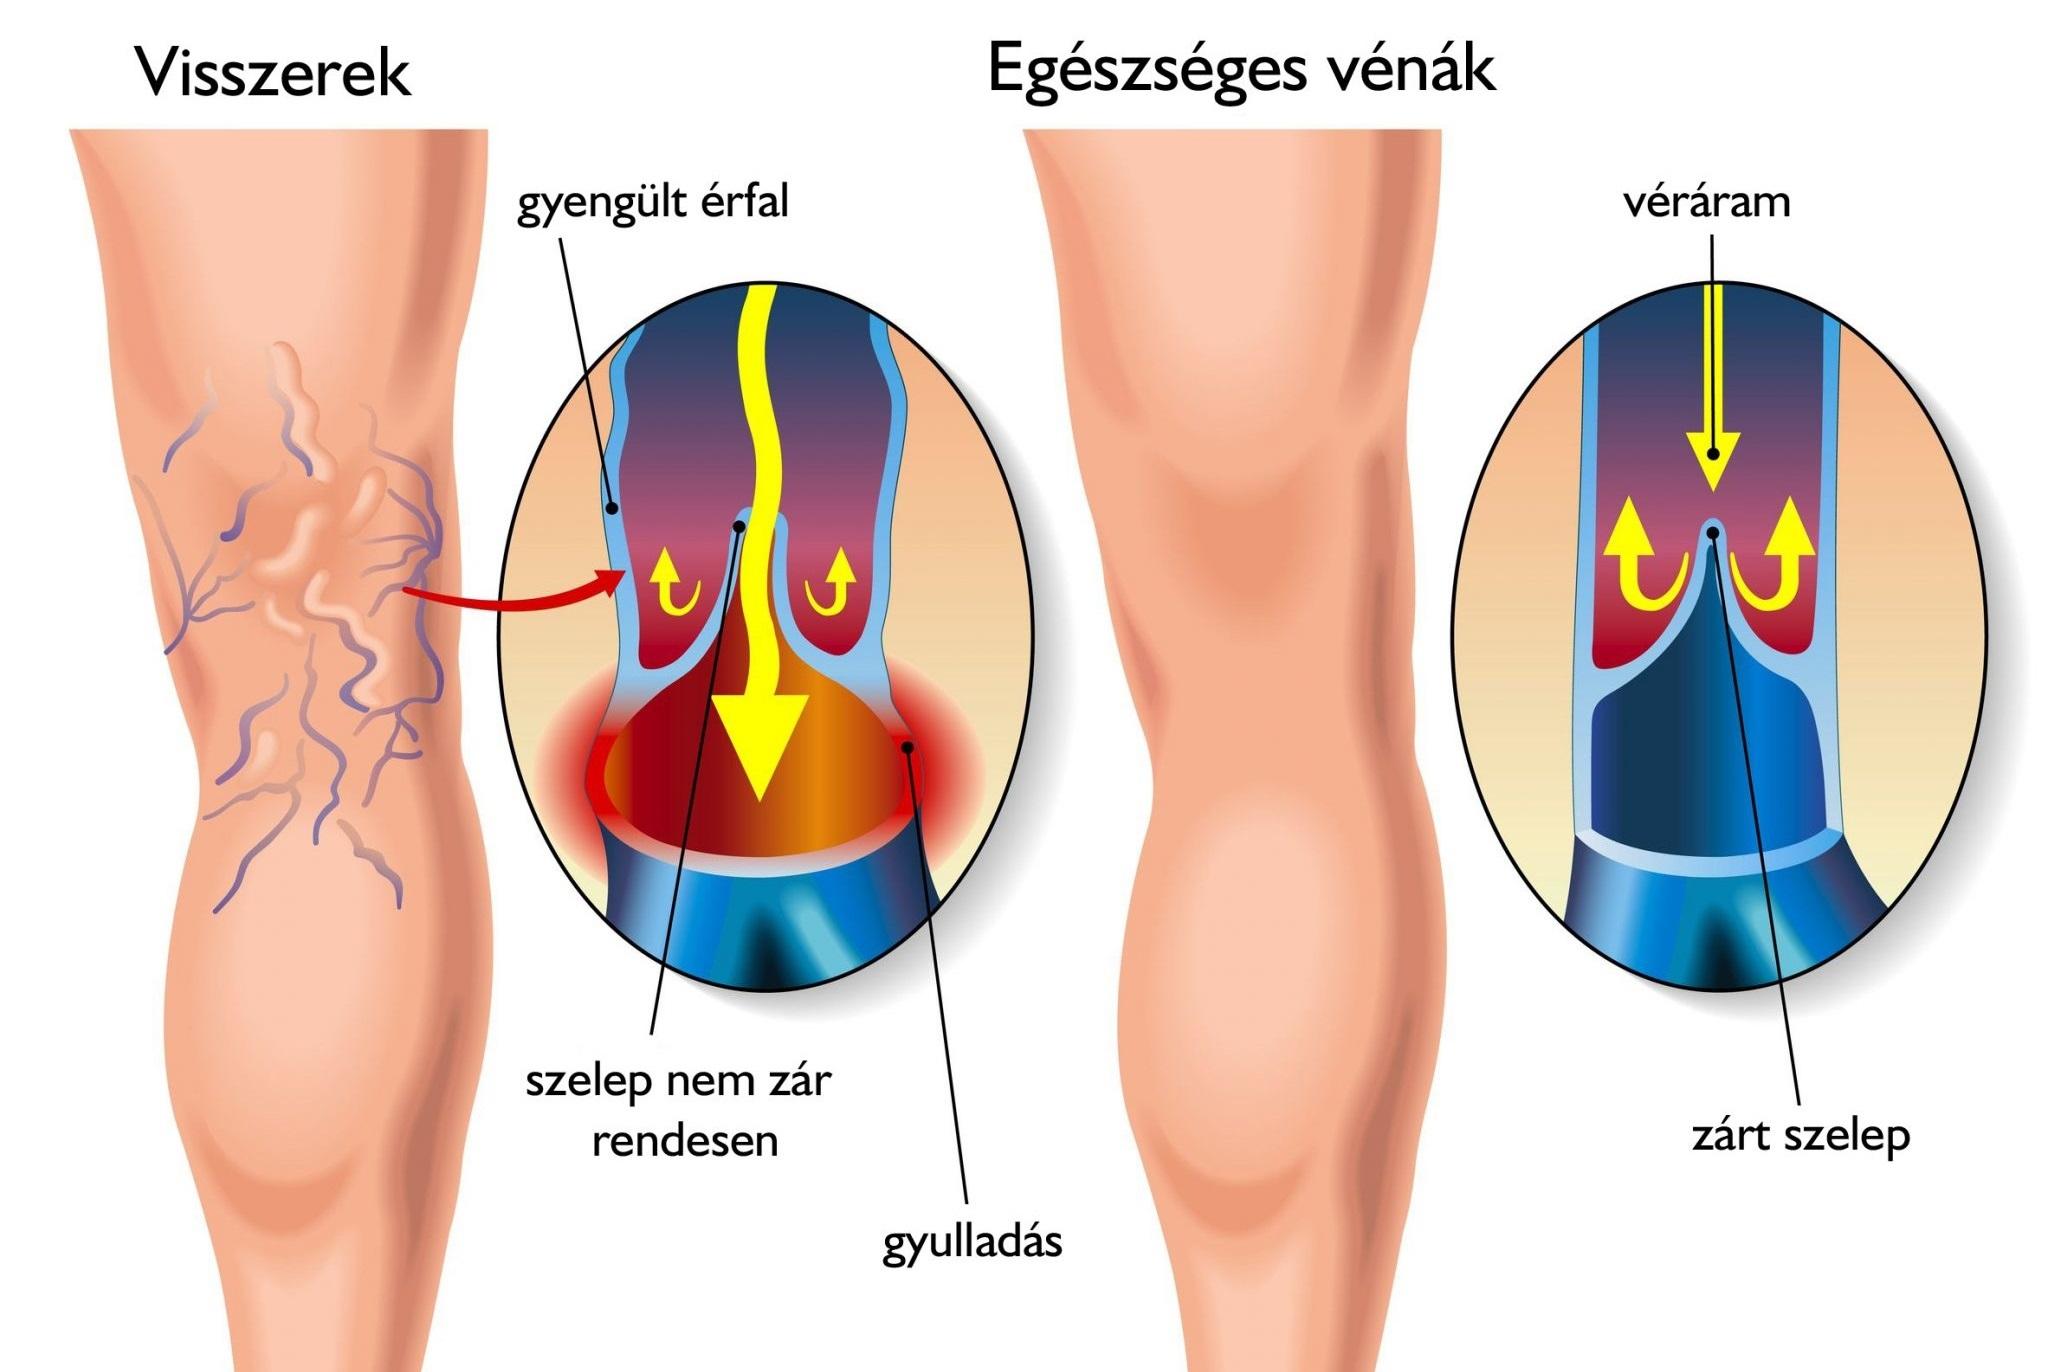 rugalmas kötszerek visszerek esetén műtét után